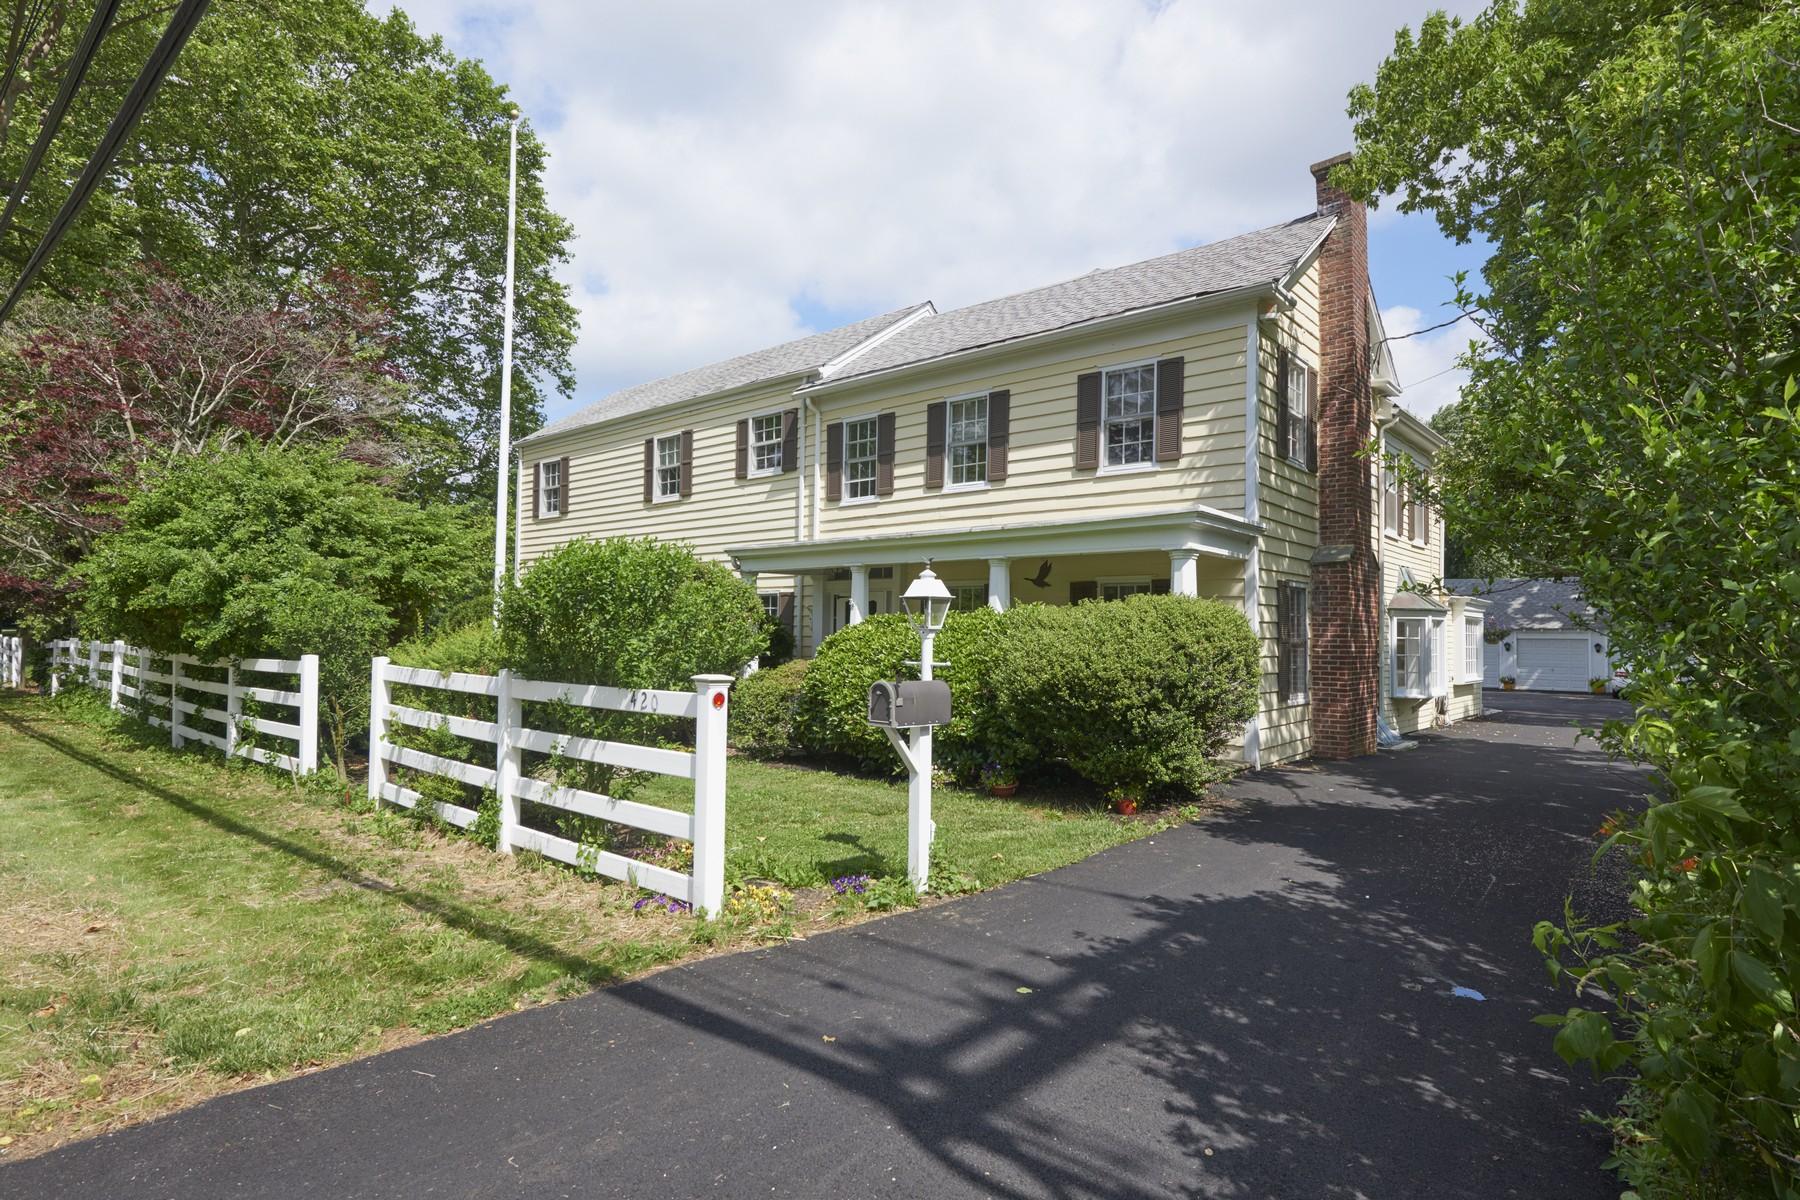 Villa per Vendita alle ore 420 Sycamore Ave. Shrewsbury, New Jersey, 07702 Stati Uniti